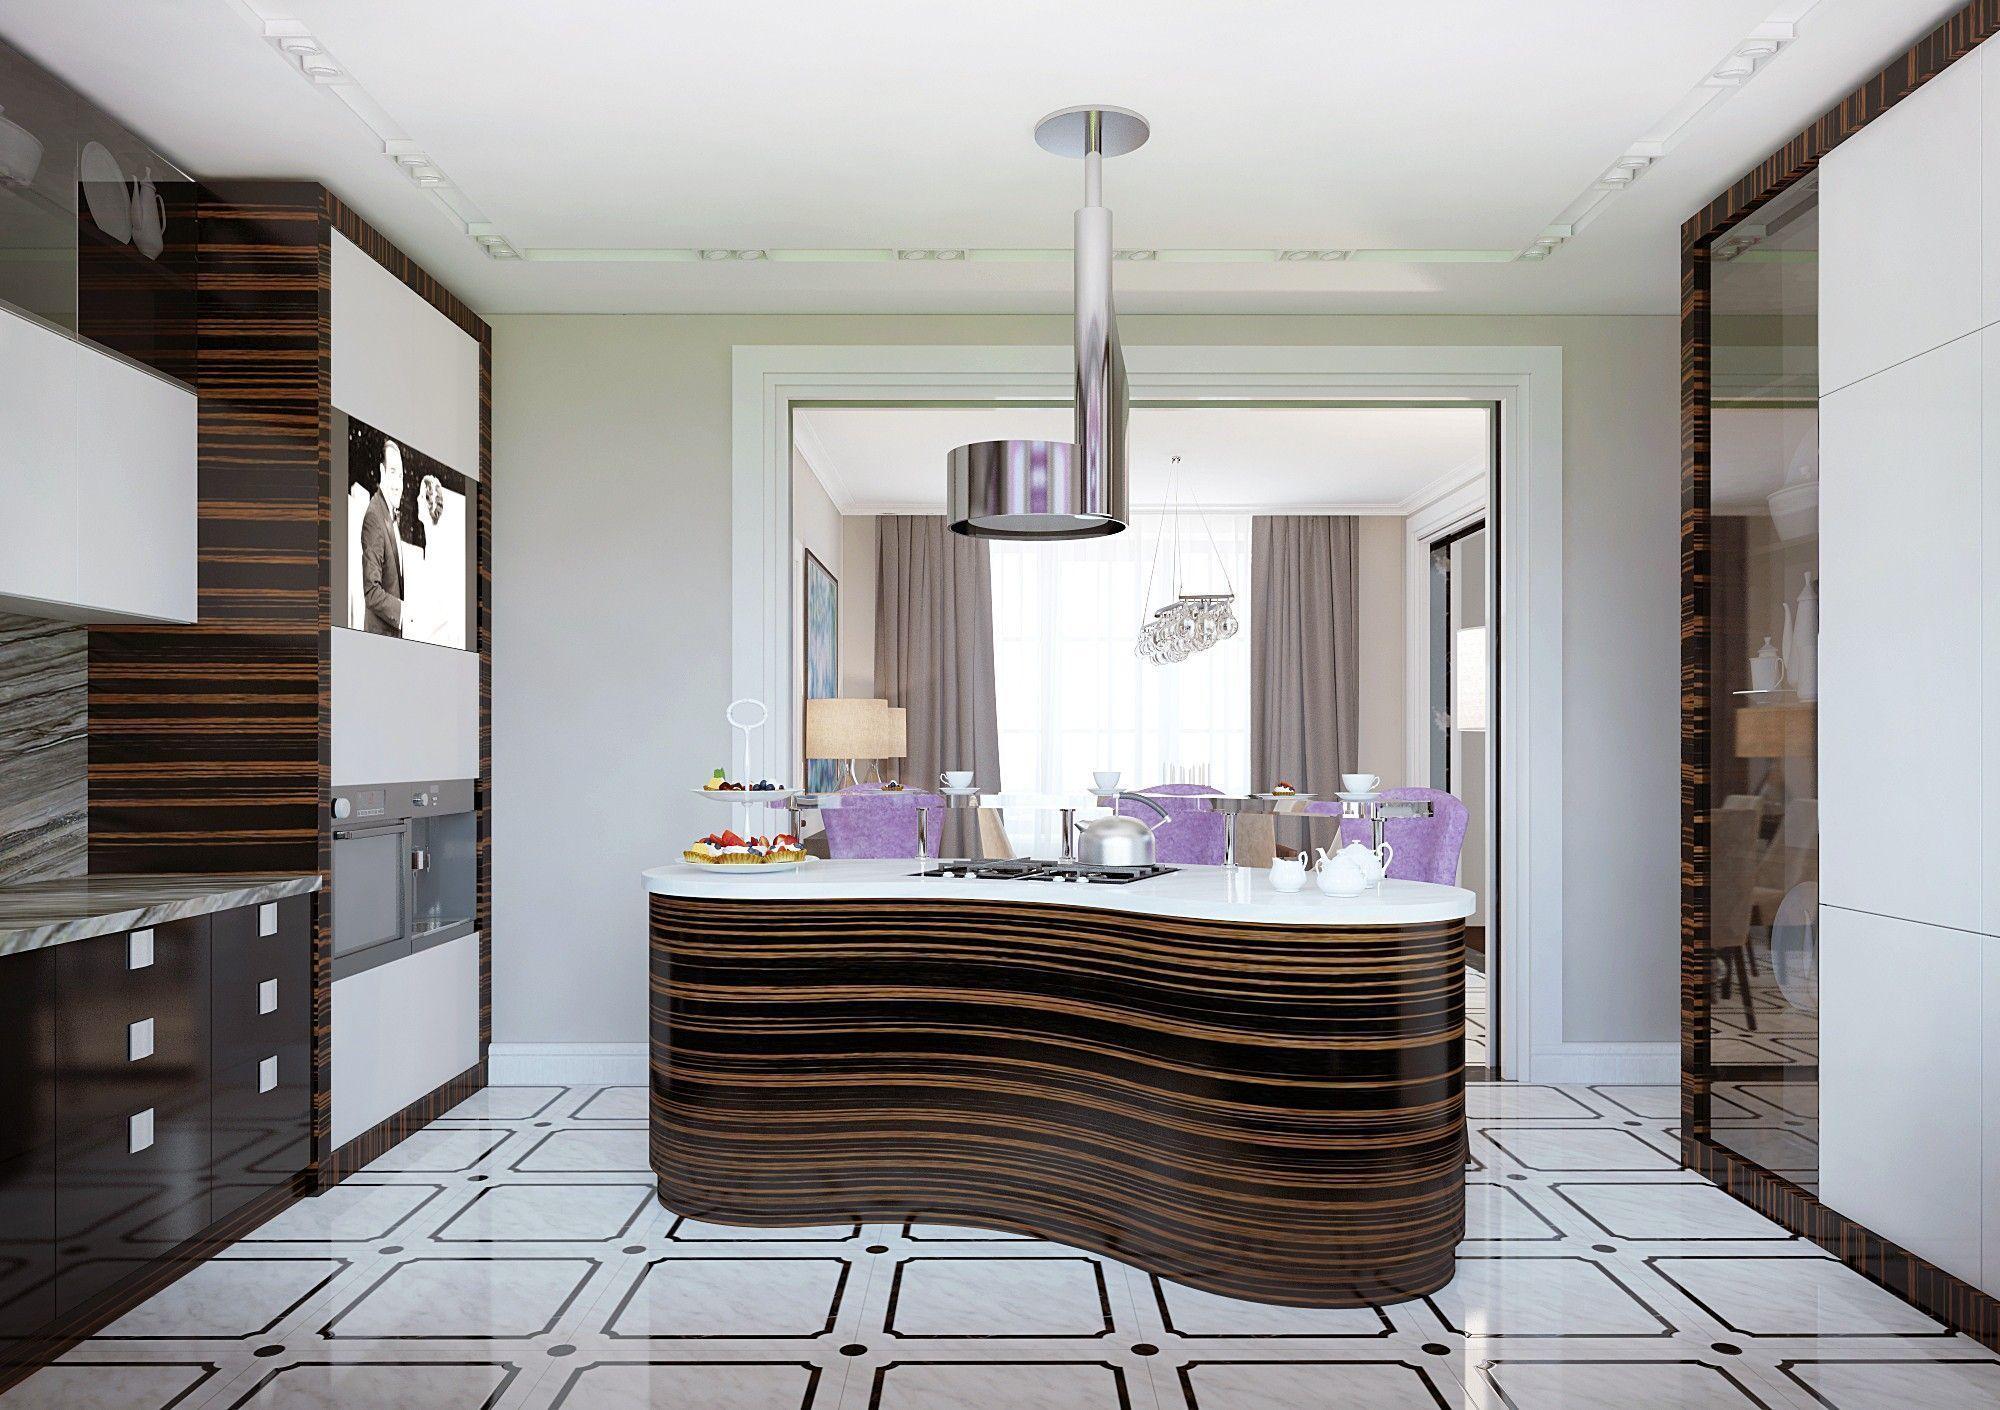 Кухня. Дизайн интерьера дома.